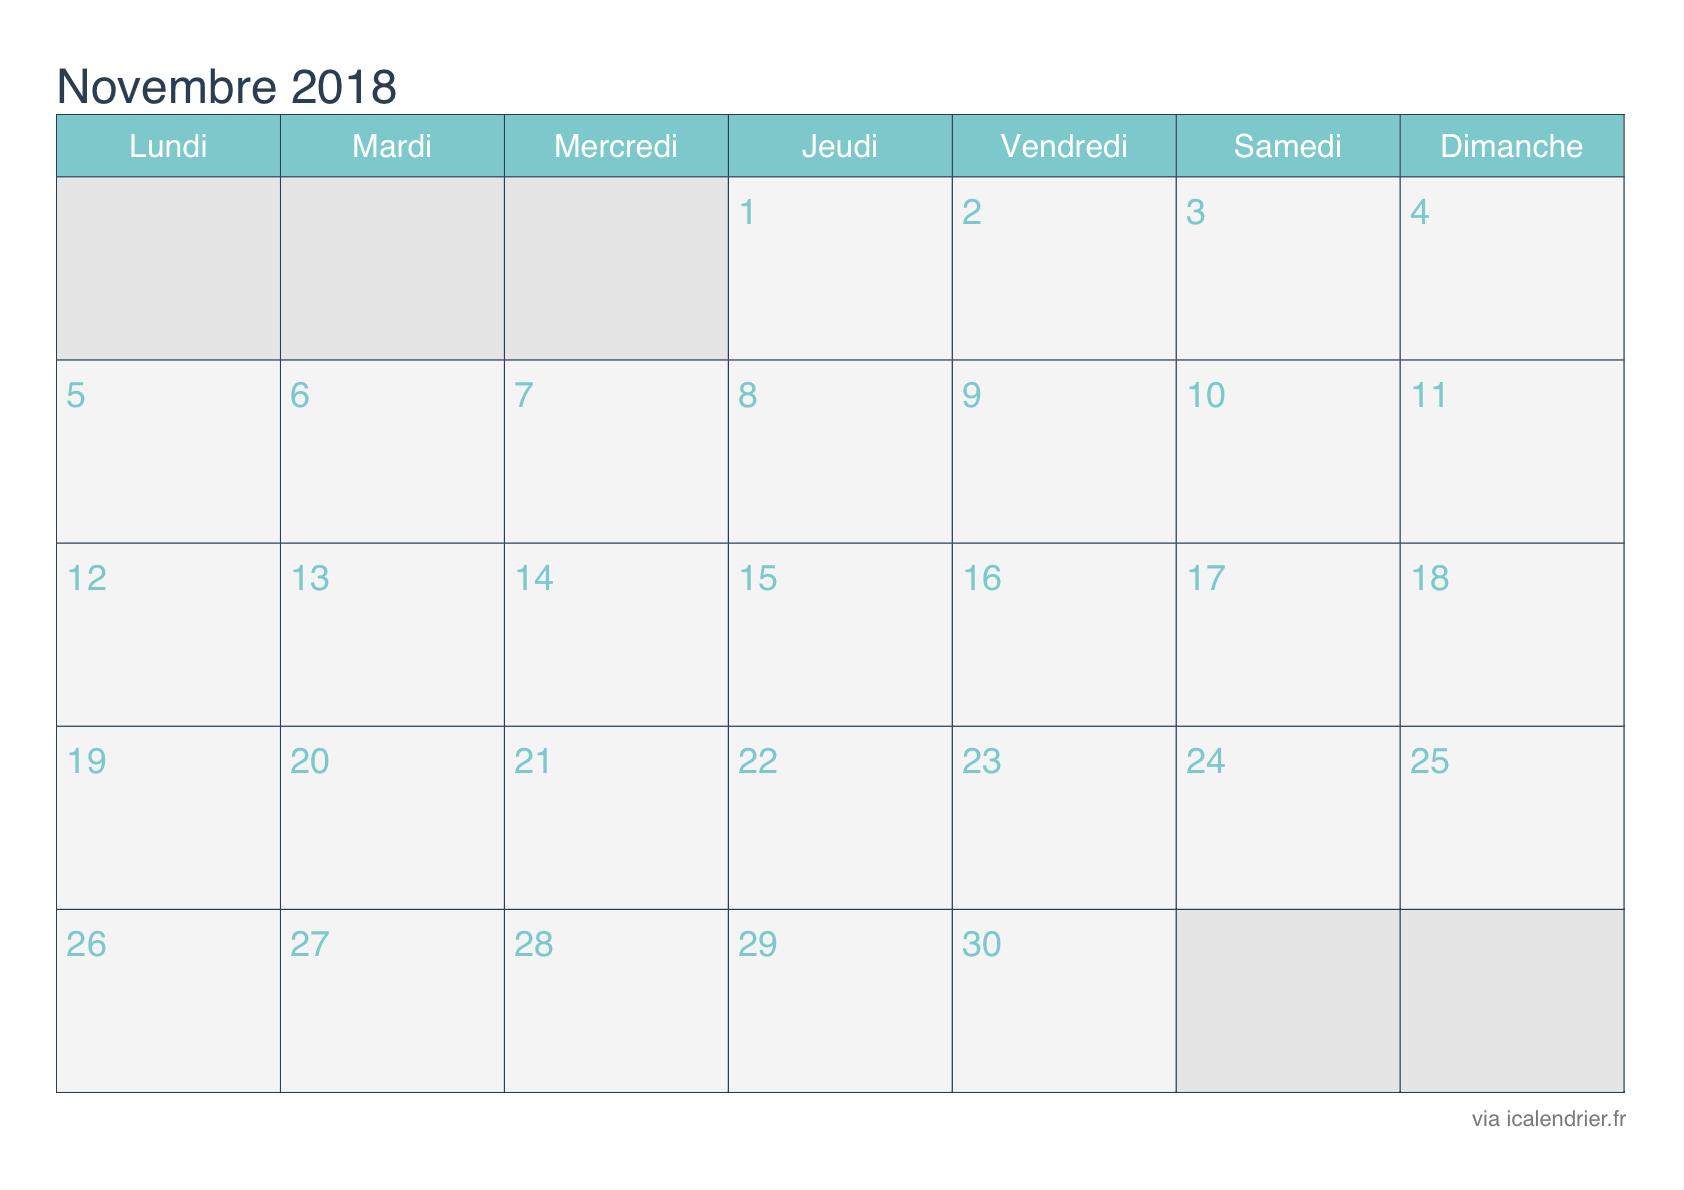 Calendrier Novembre 2018 a Imprimir